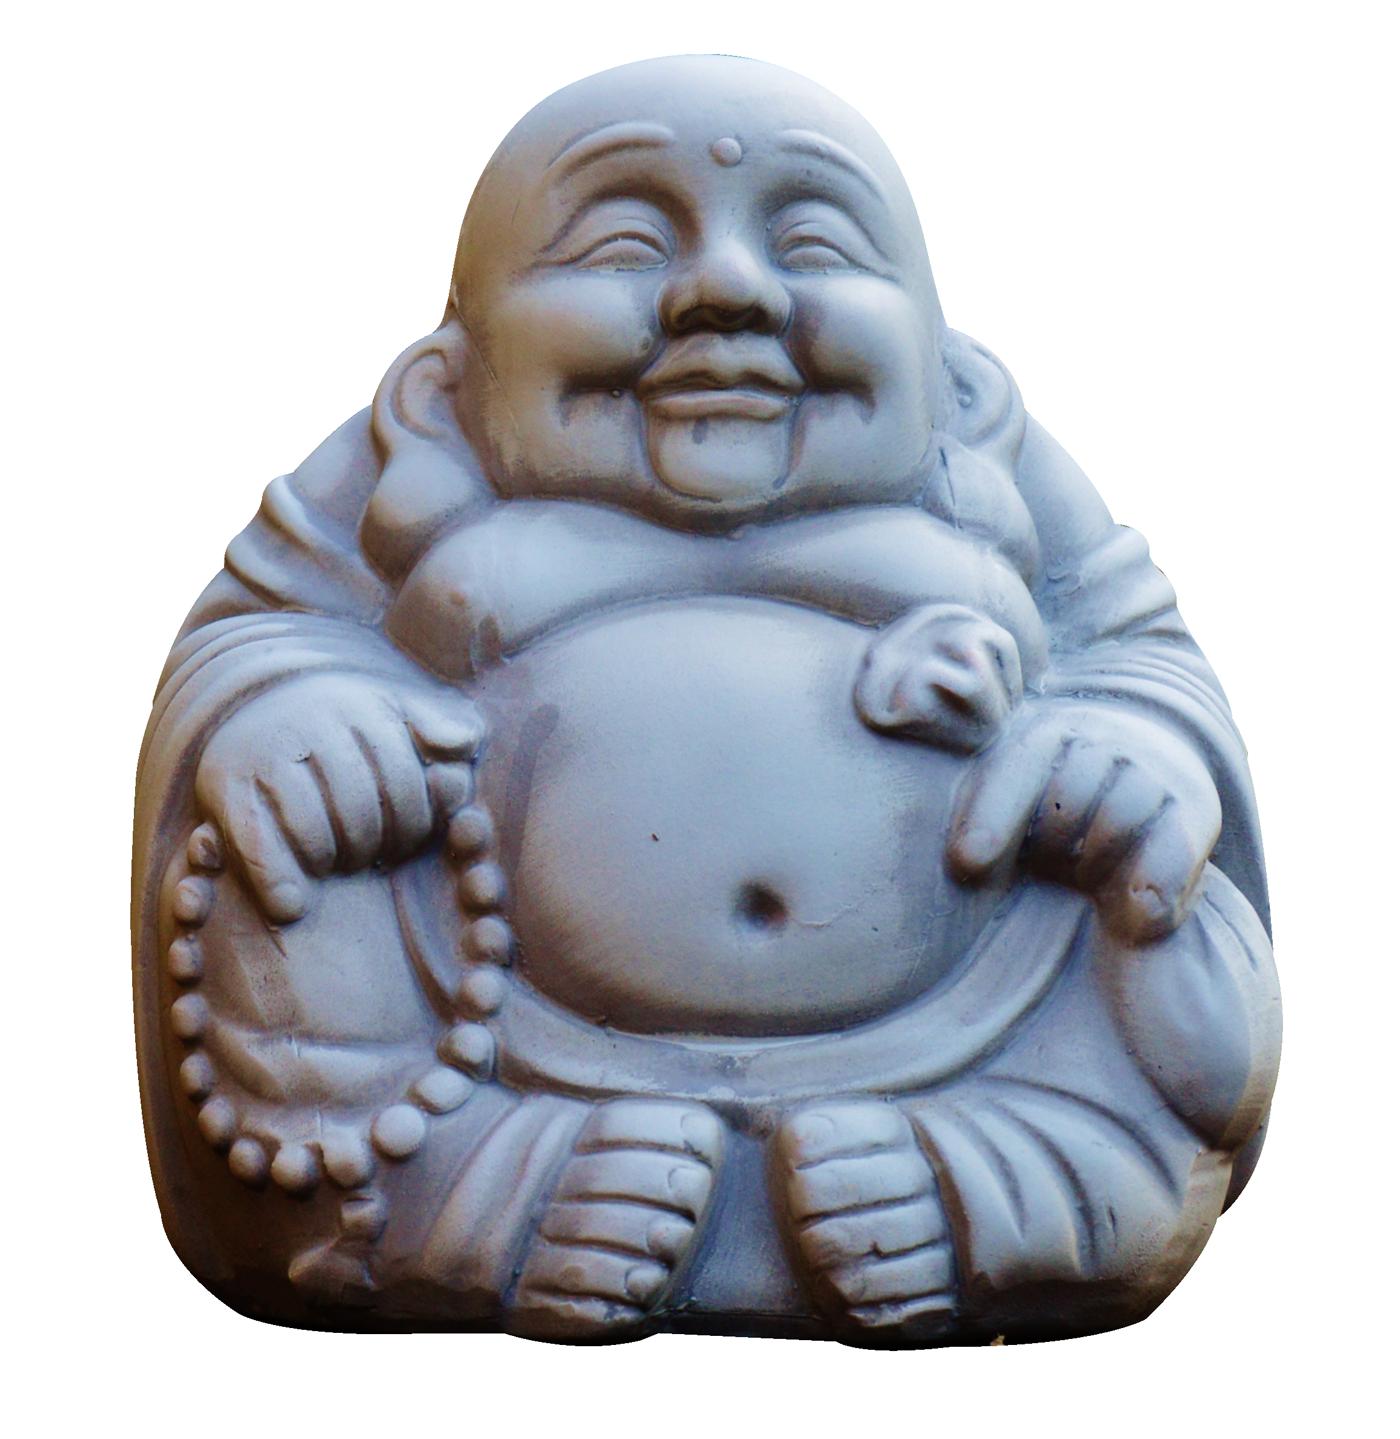 Laughing Buddha Monk PNG Image.